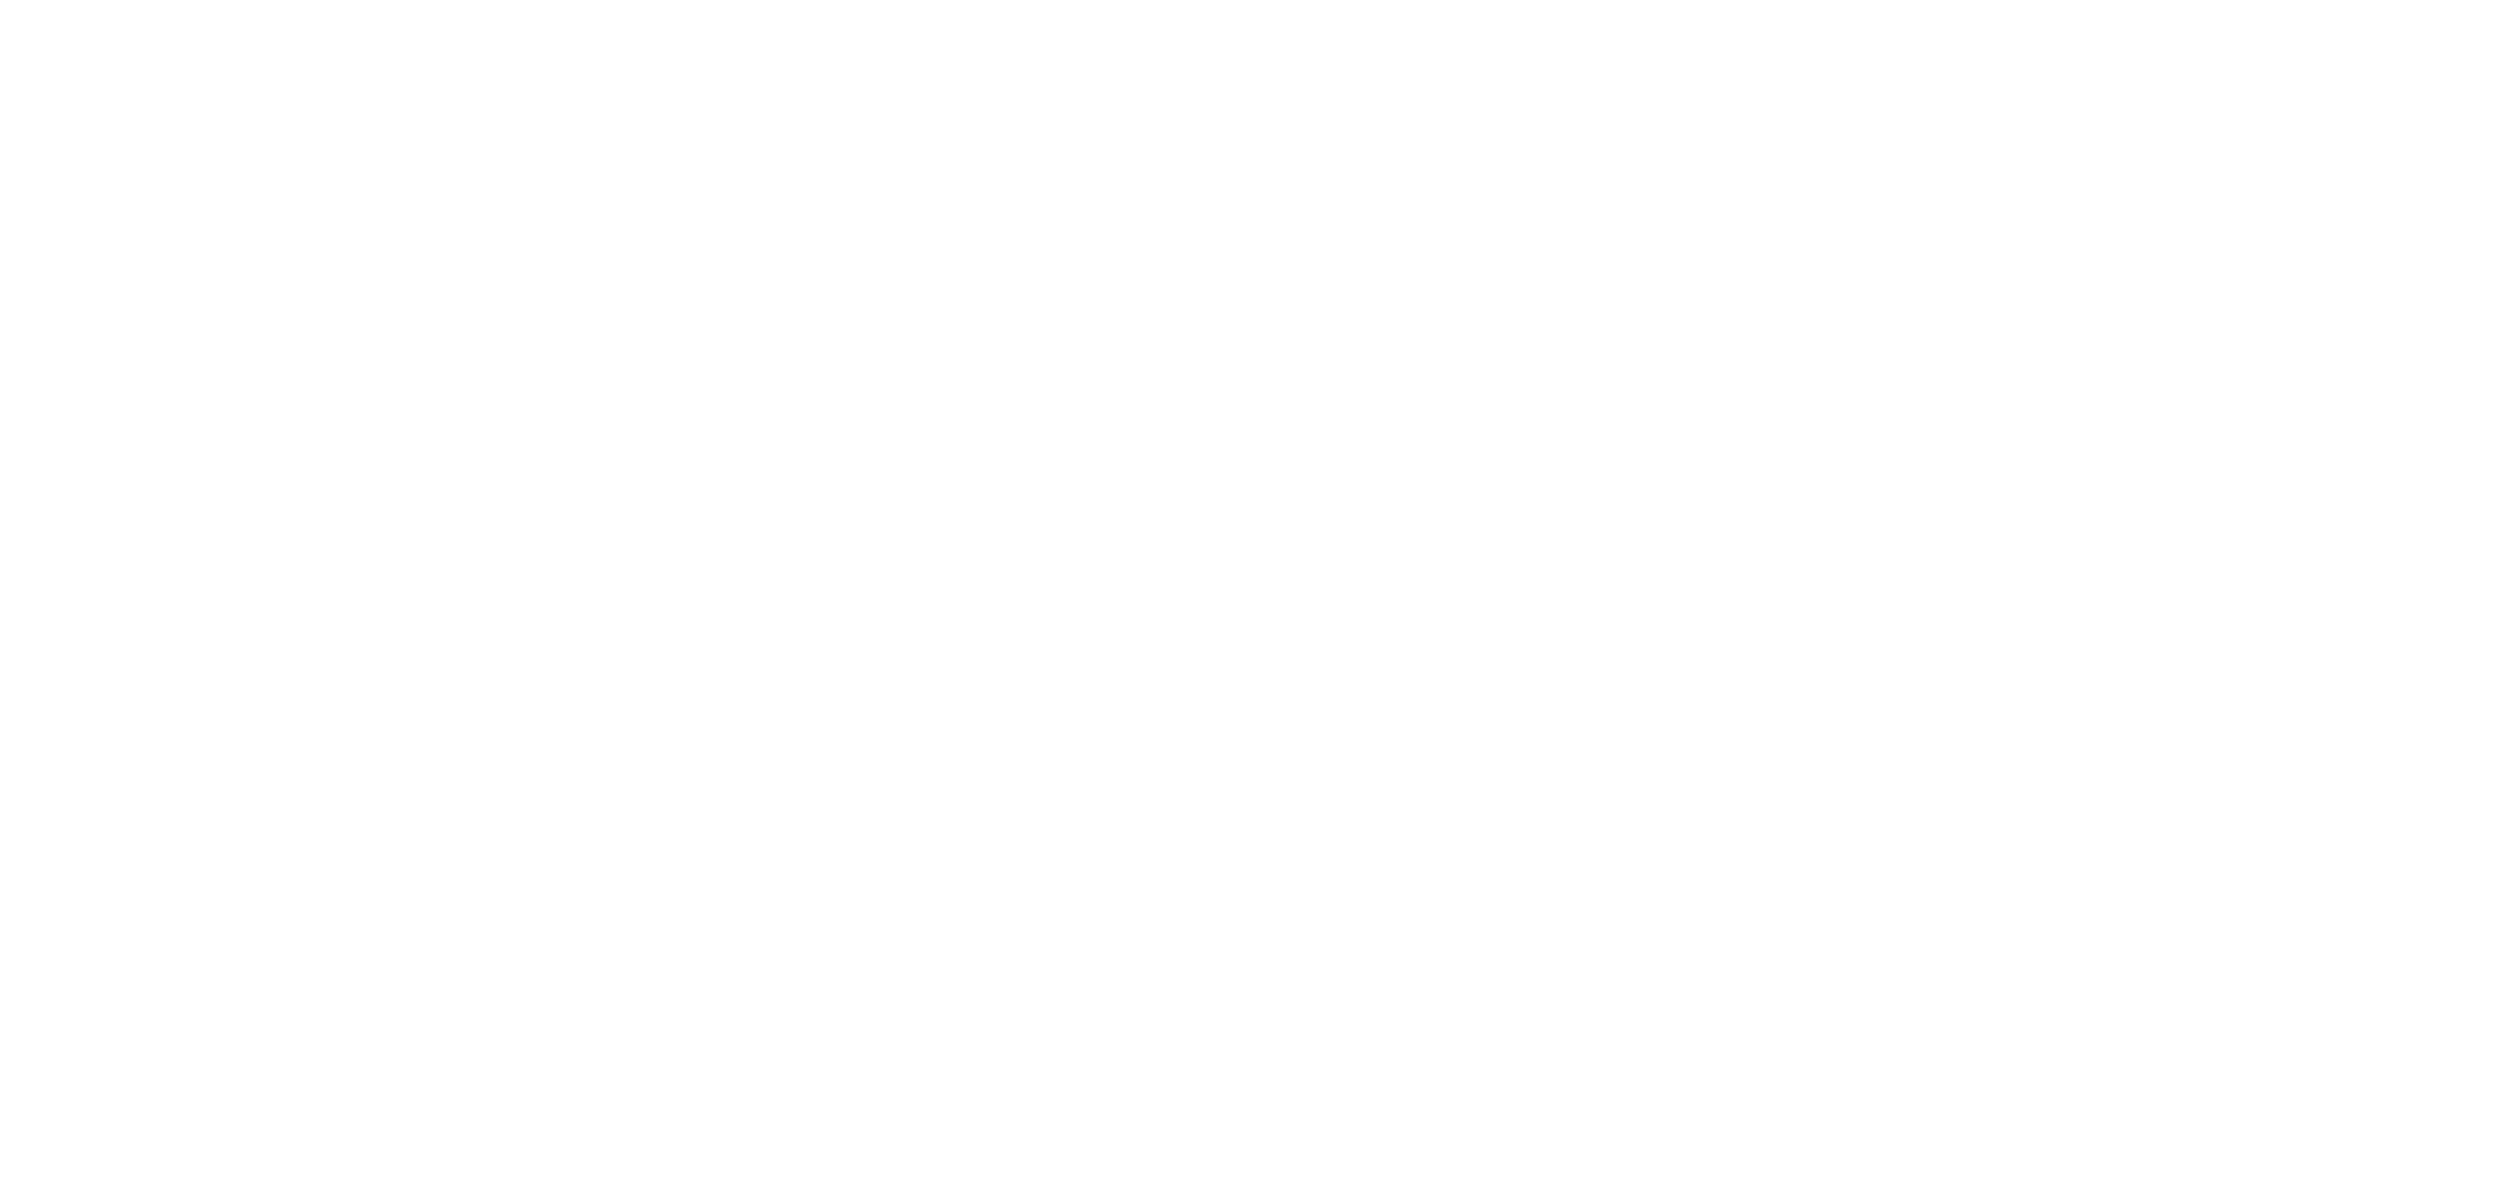 lumx_logo_wit